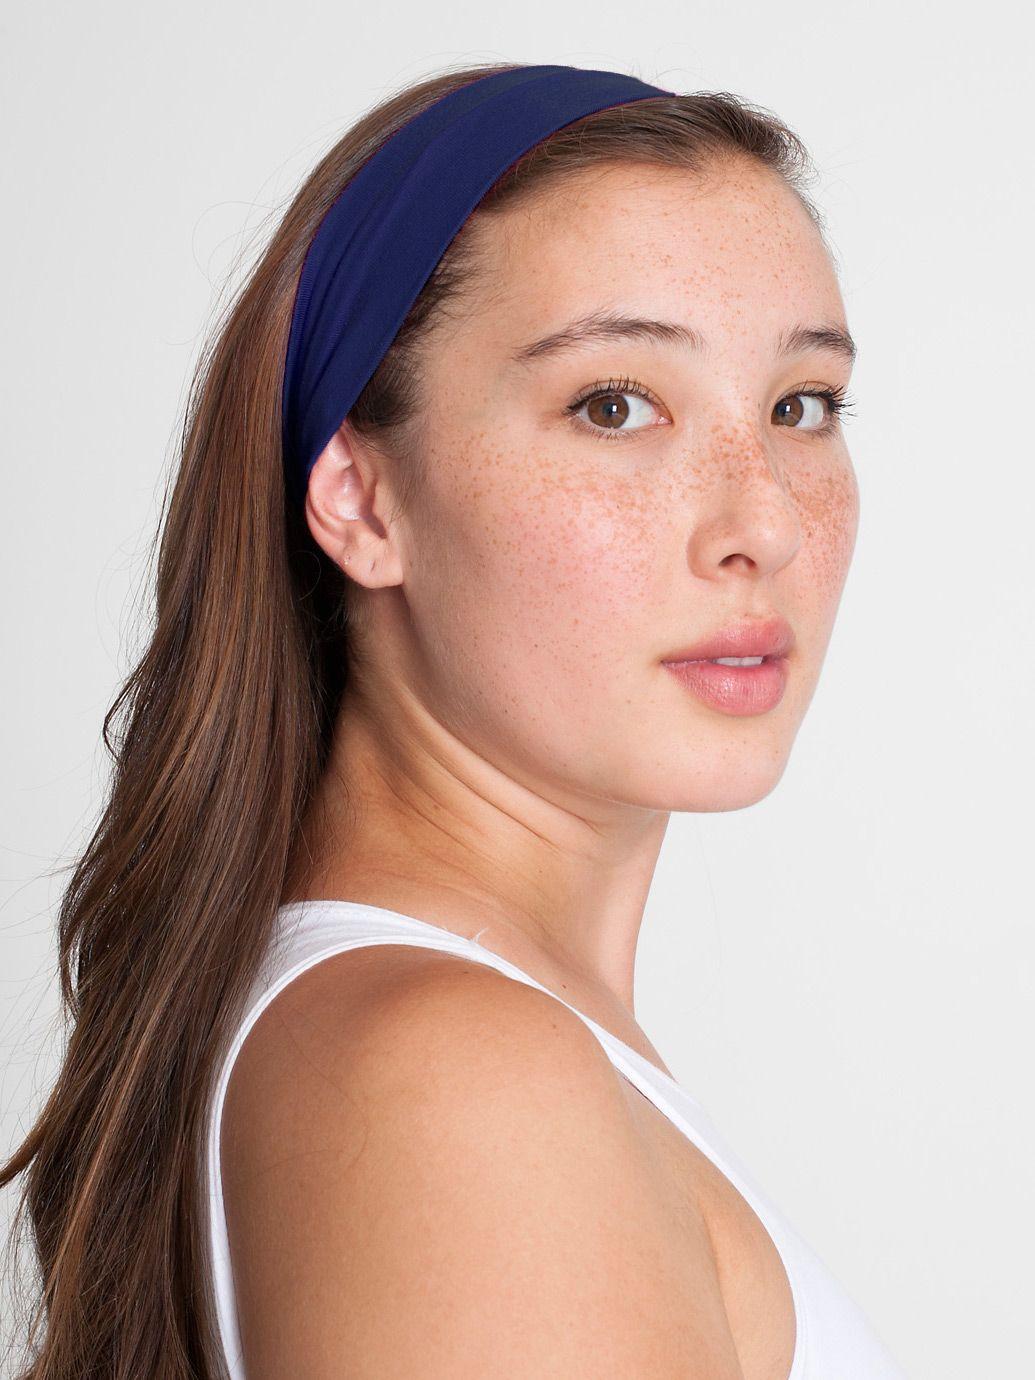 American Apparel Cotton Spandex Jersey Headband - Evan Webster INK ba6cf8bbe67